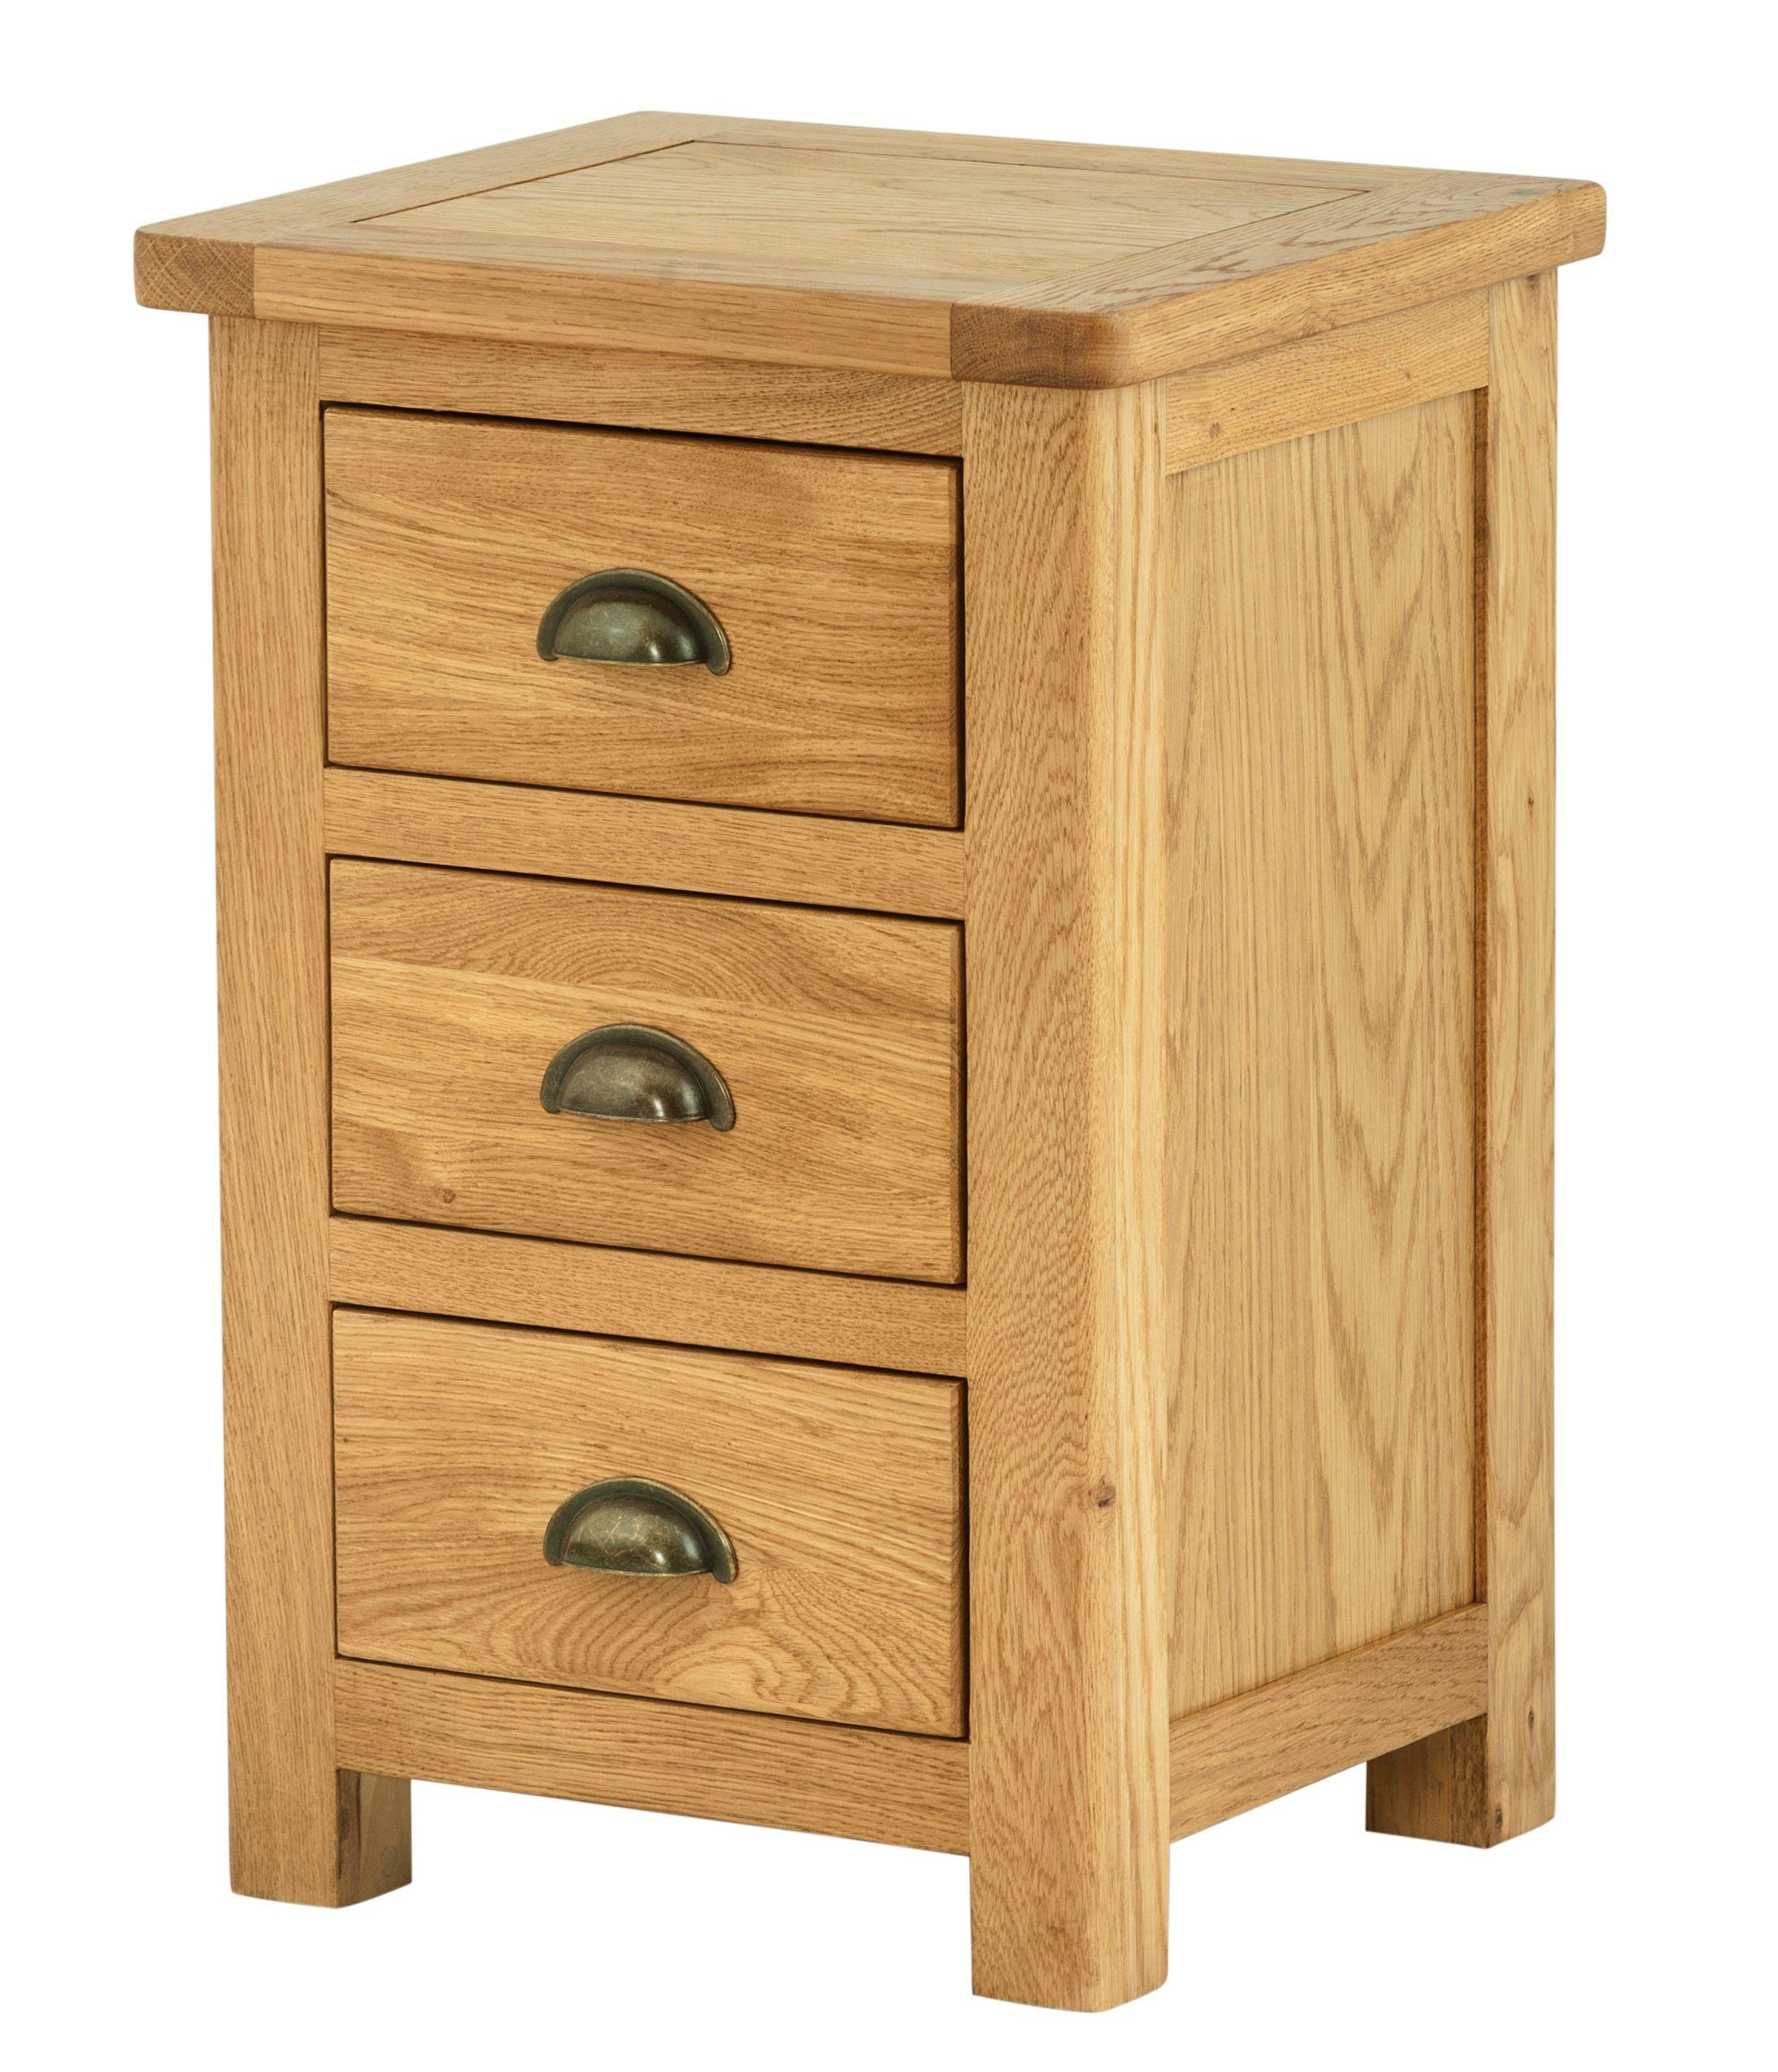 PRESTON GRAND 3 Drawer Bedside Cabinet